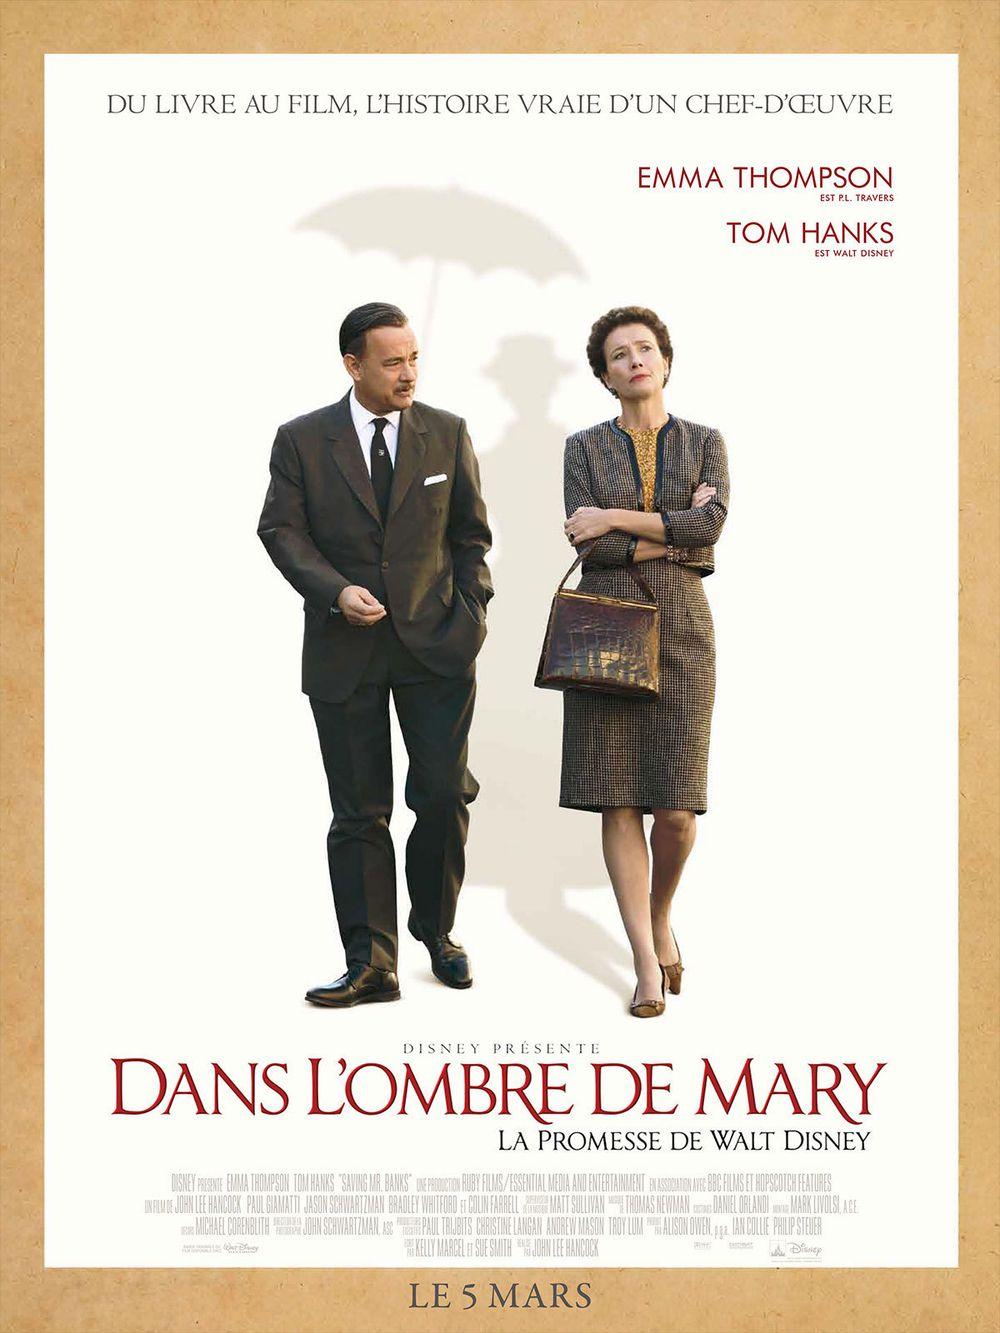 Dans l'ombre de Mary - La Promesse de Walt Disney - Film (2013)